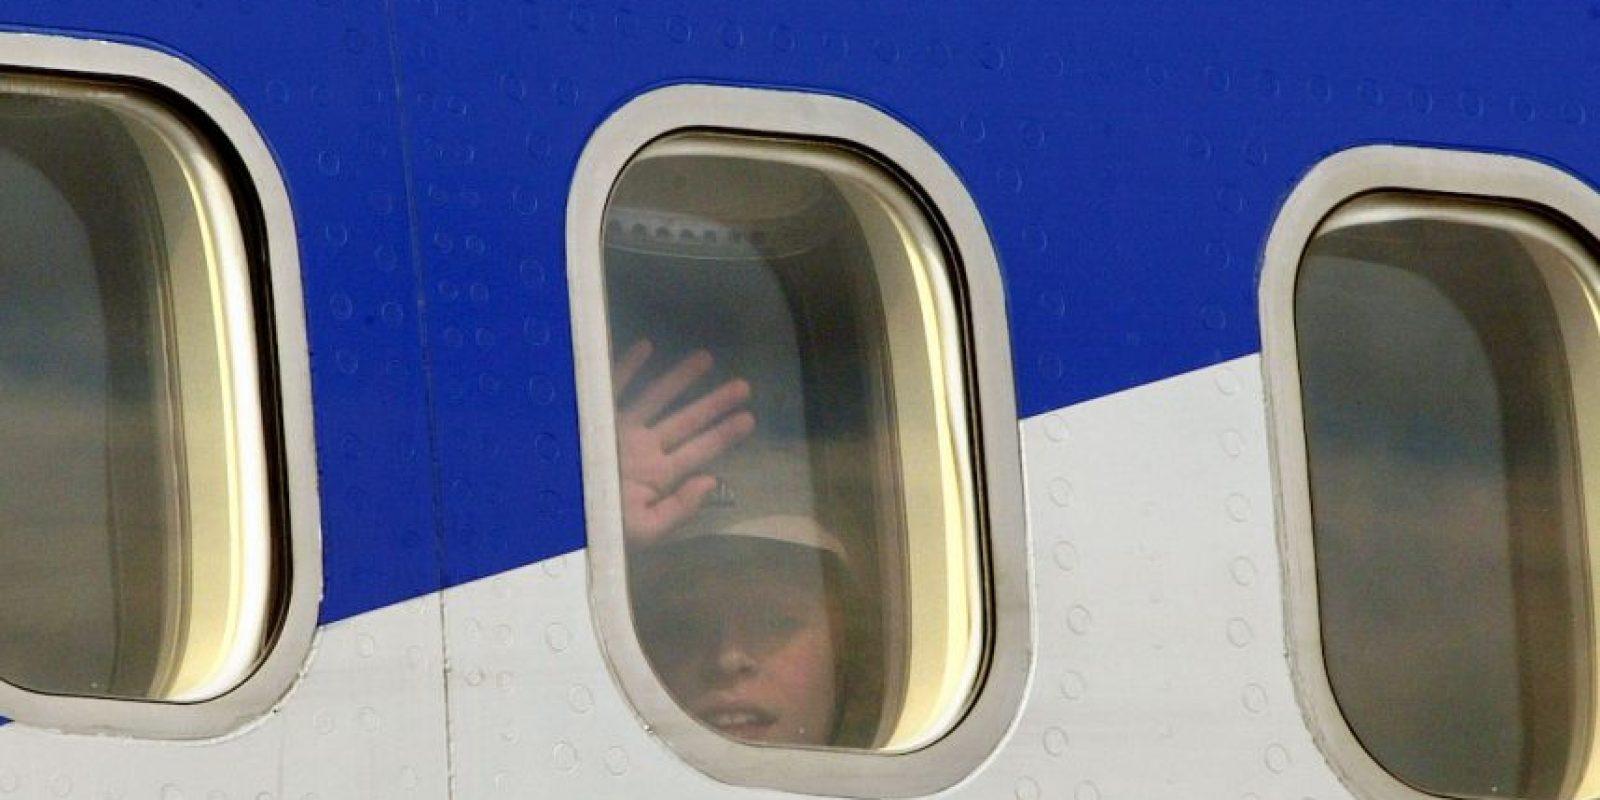 Eduardo Caram, se preocupó cuando vió cómo se desprendió el protector de su ventana en el avión antes de despegar. Foto:Getty Images